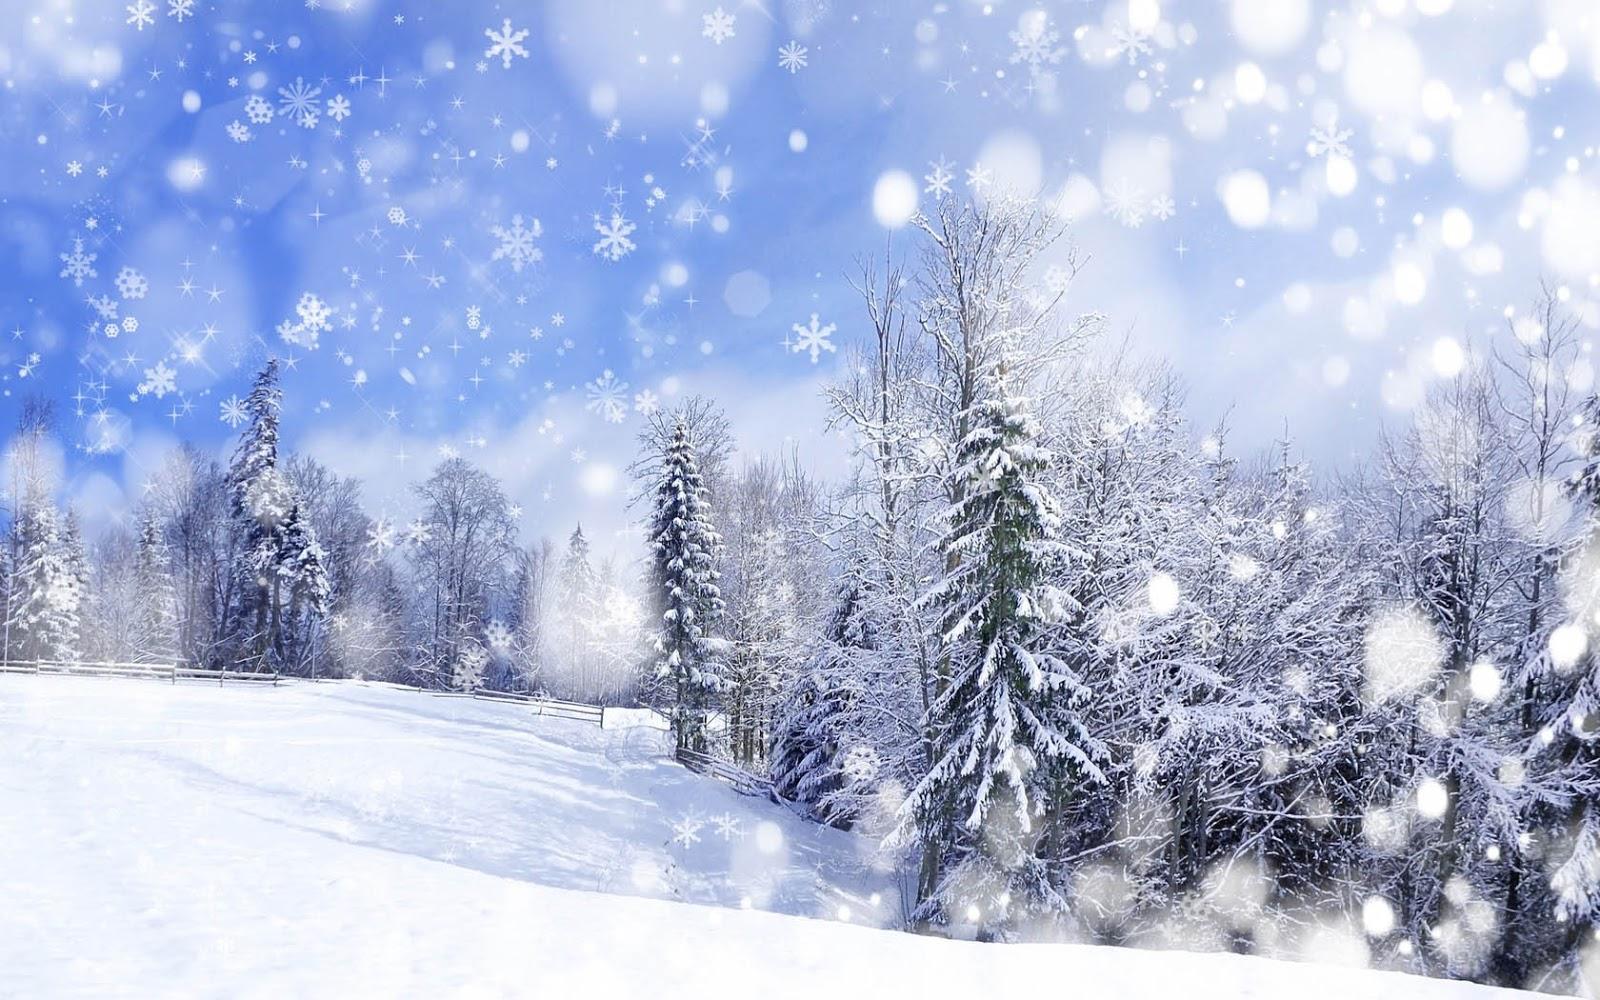 32 Mooie Winter Wallpapers Mooie Achtergronden